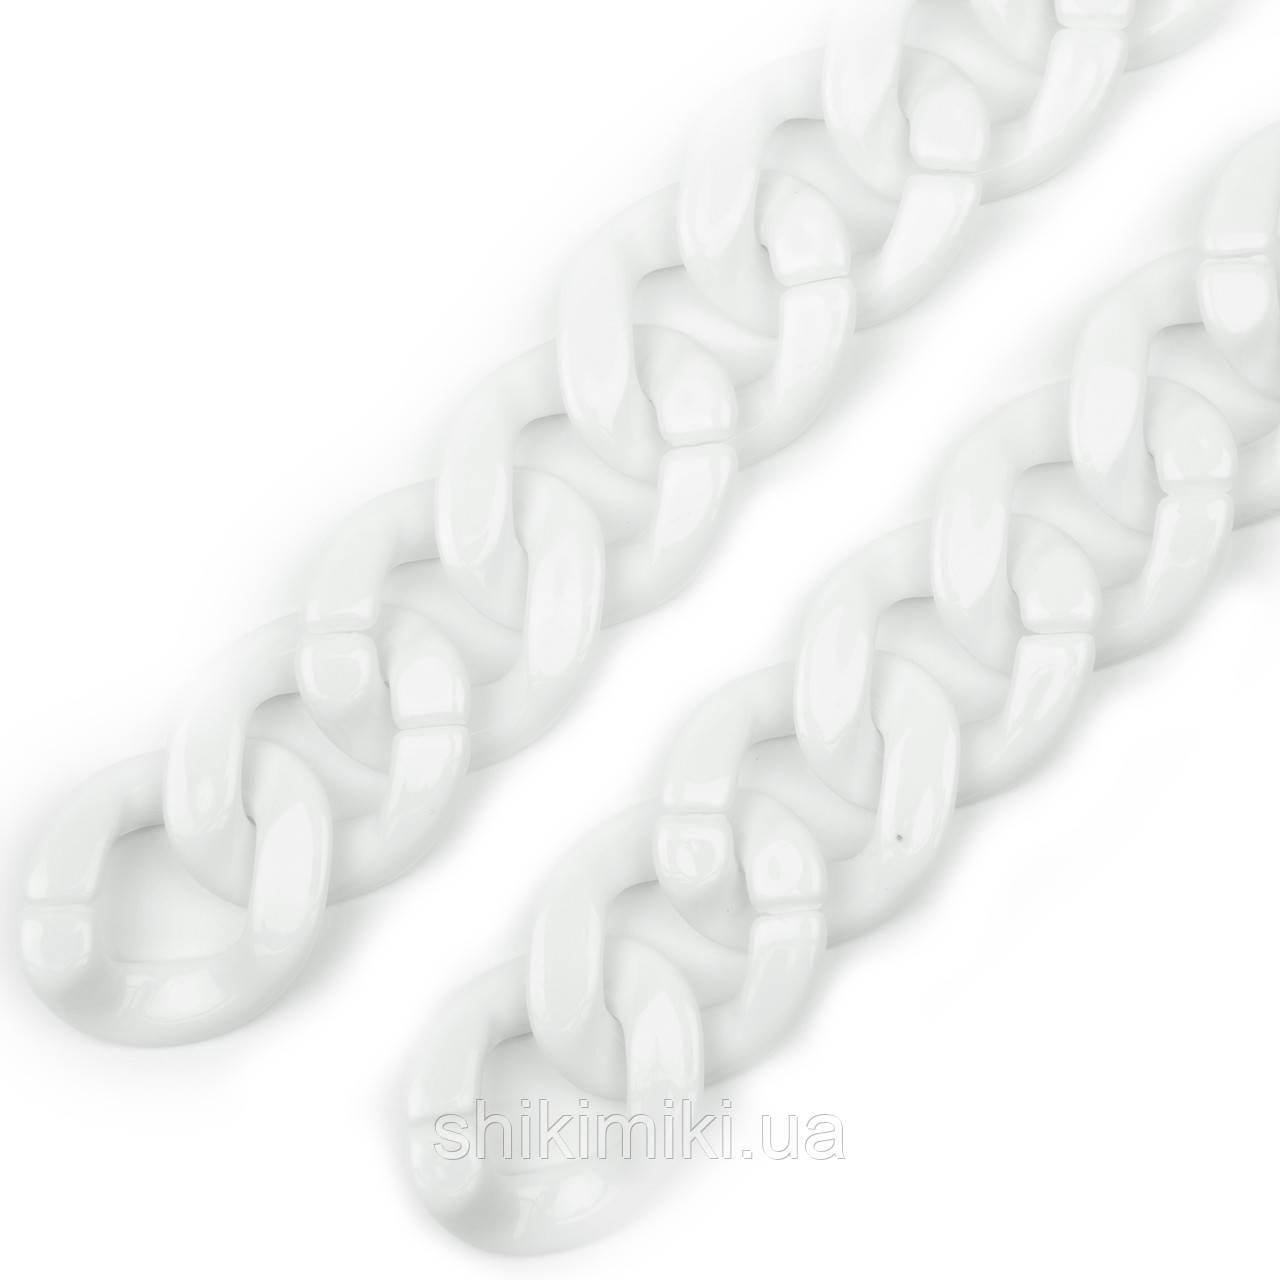 Звено акриловое для сборной цепи (39*32), цвет белый глянцевый